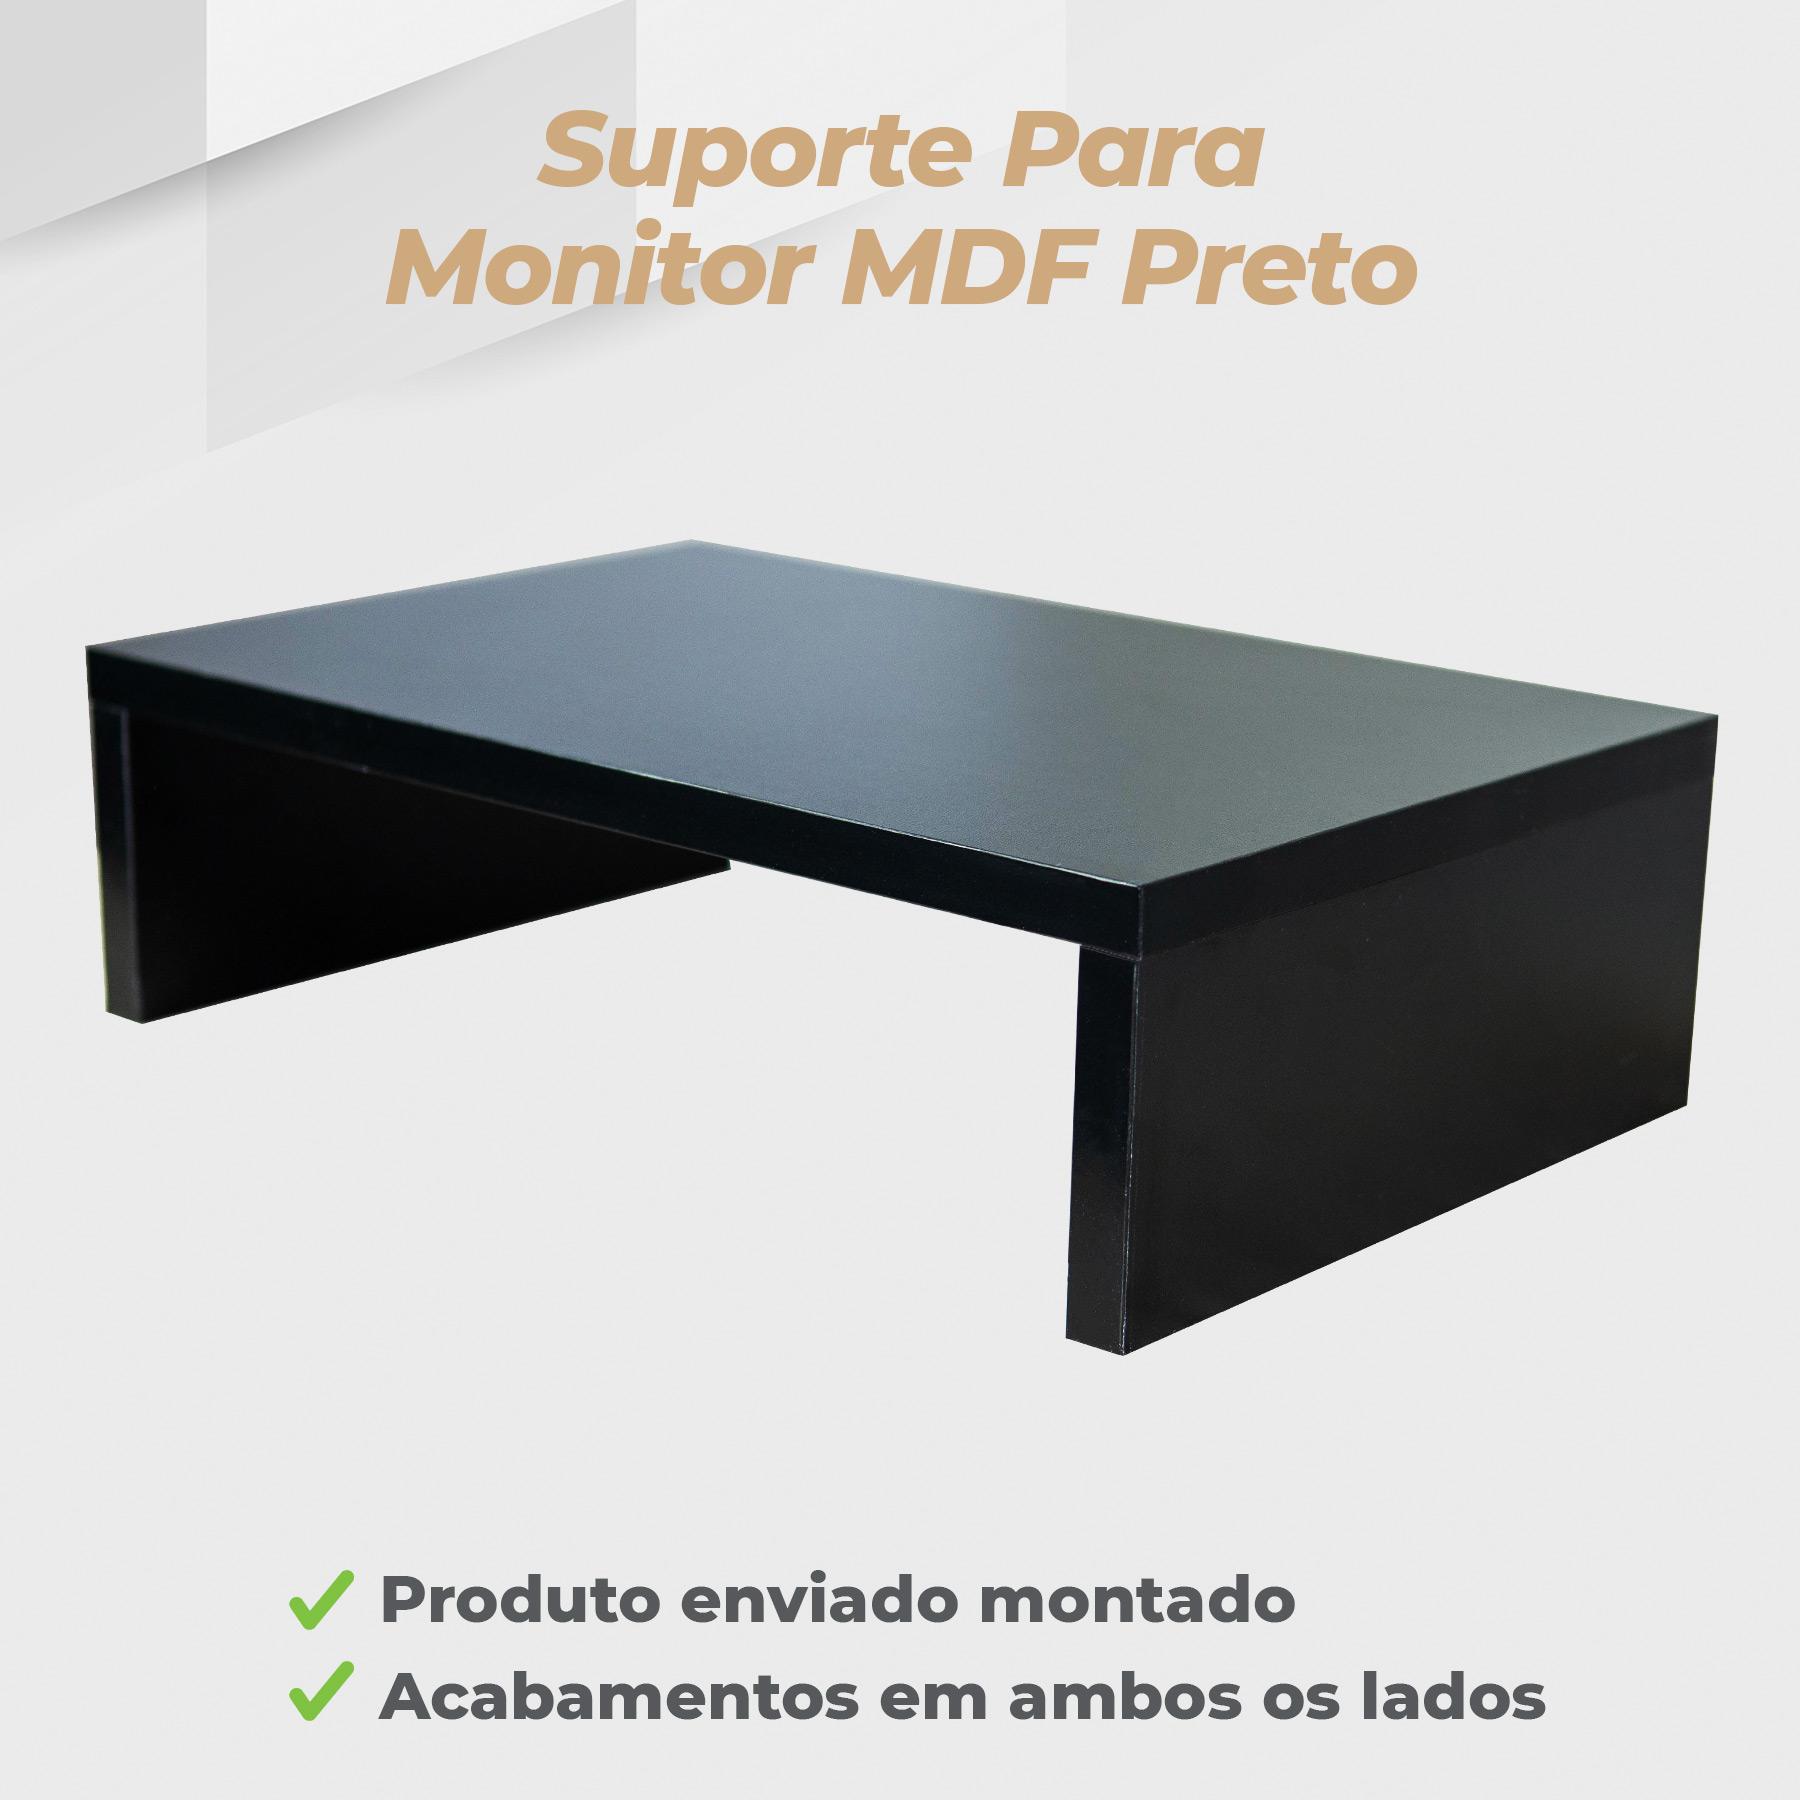 Suporte Monitor MDF Preto